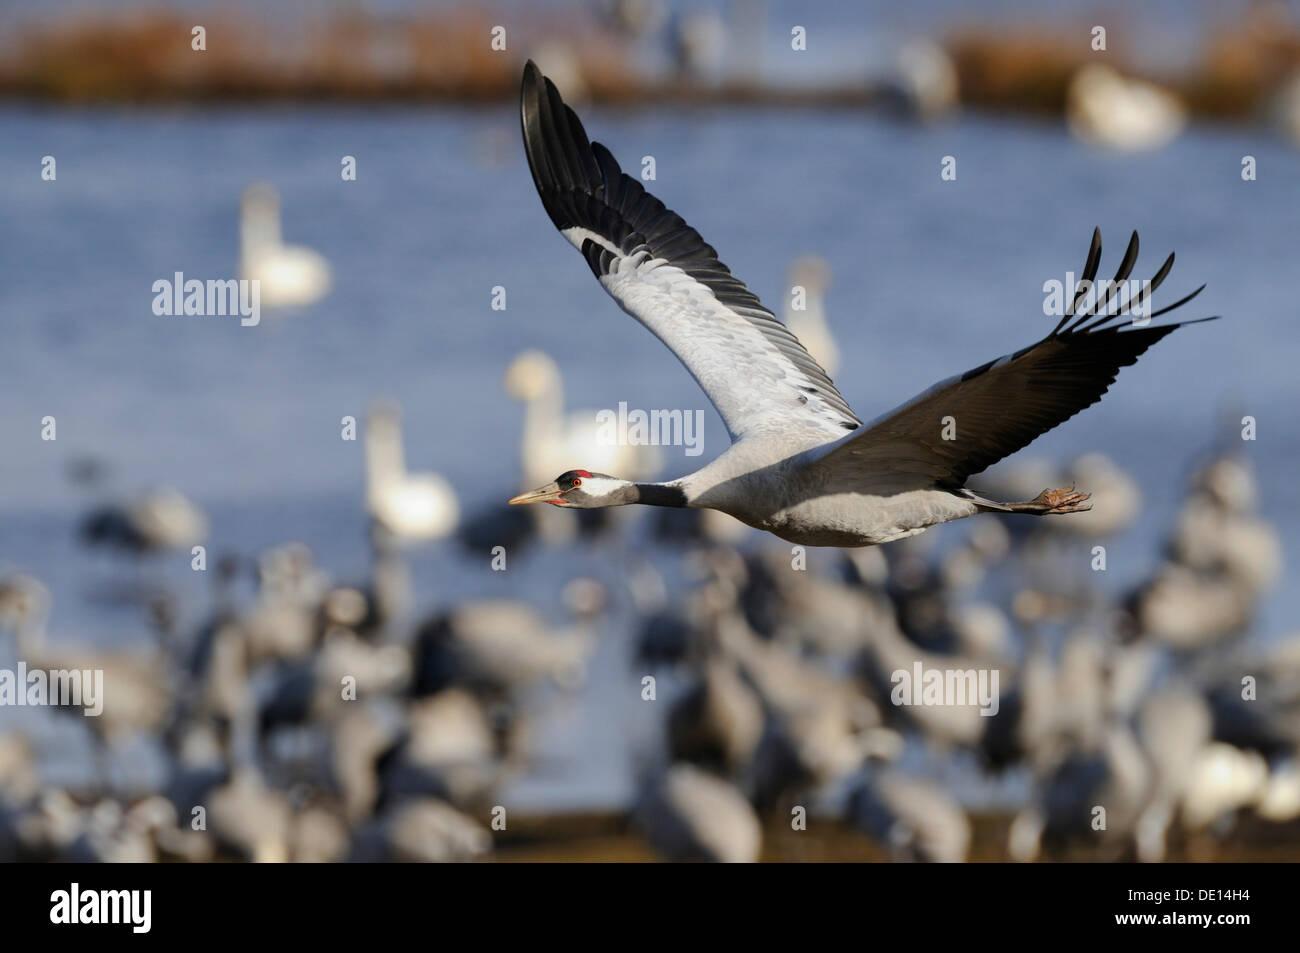 Common or Eurasian Cranes (Grus grus), at roost, crane in flight, Lake Hornborga, Hornborgasjoen, Vaestergoetland, Sweden - Stock Image